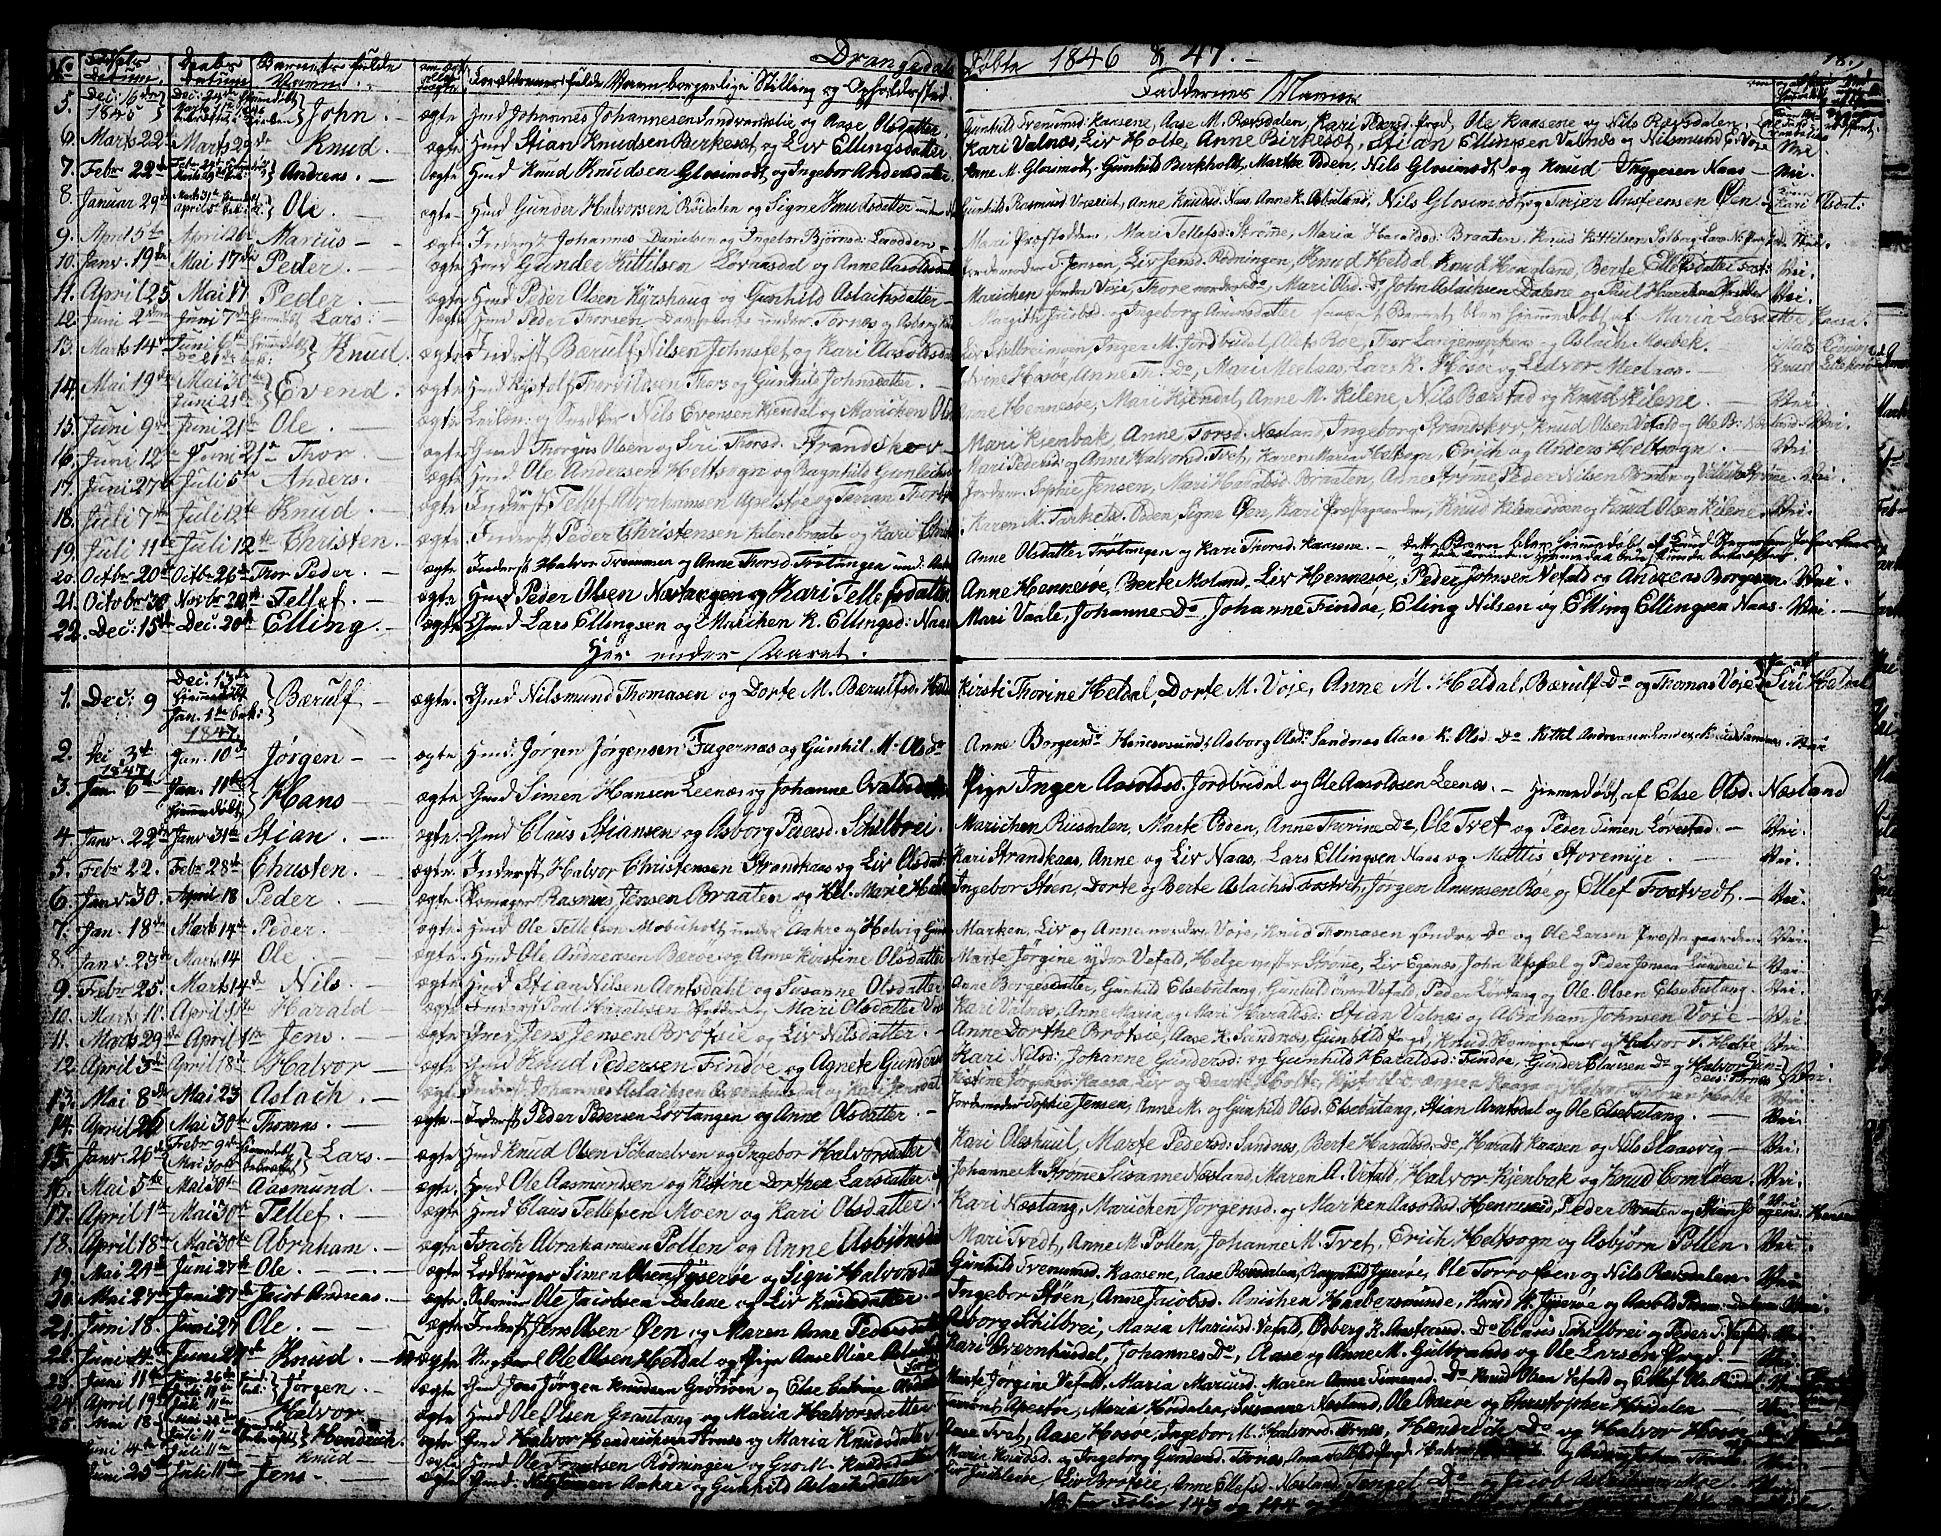 SAKO, Drangedal kirkebøker, G/Ga/L0001: Klokkerbok nr. I 1 /1, 1814-1856, s. 18